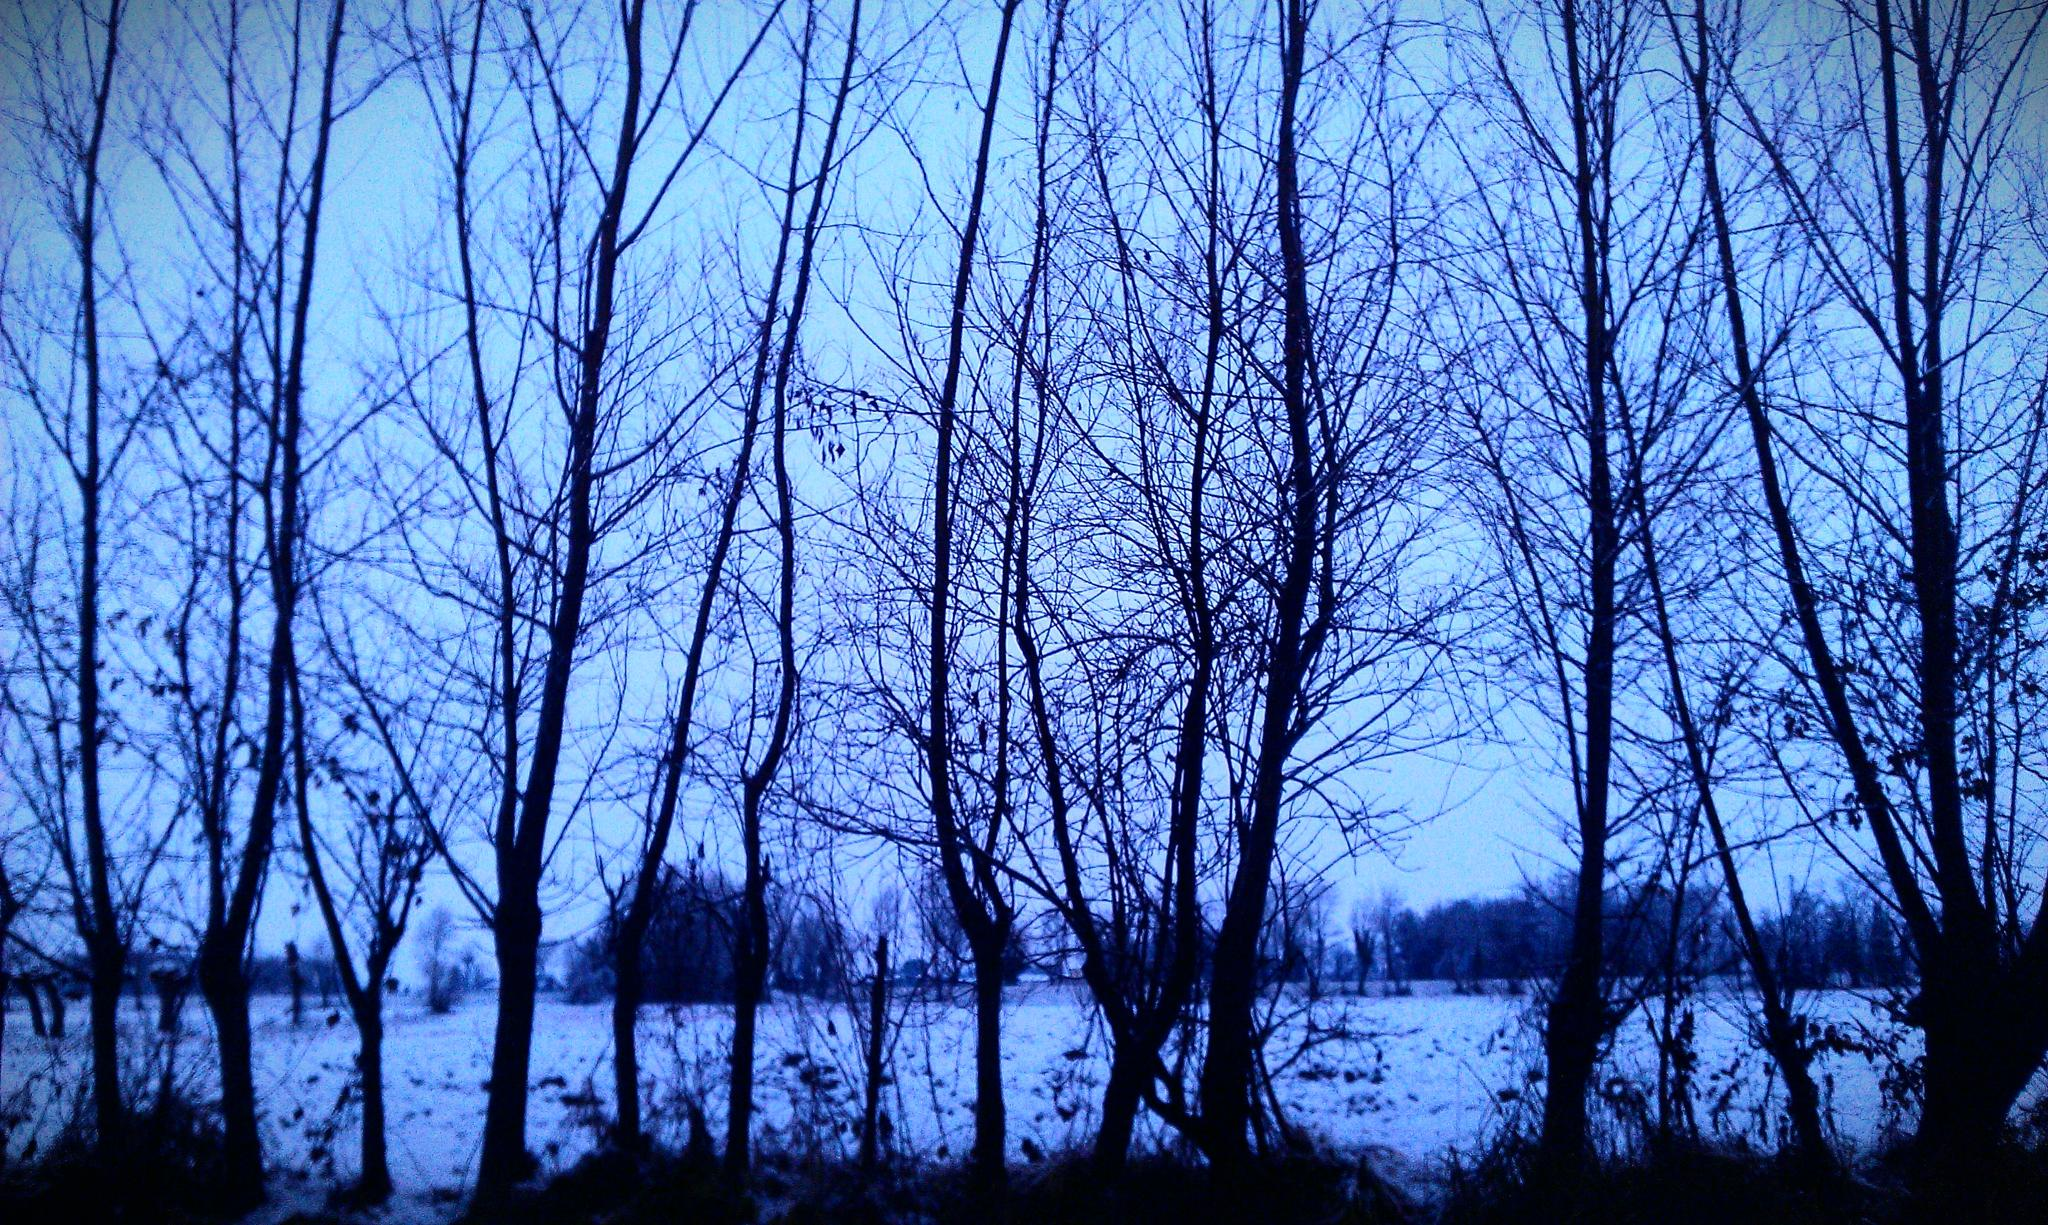 snow in blue by erica.zanon.9